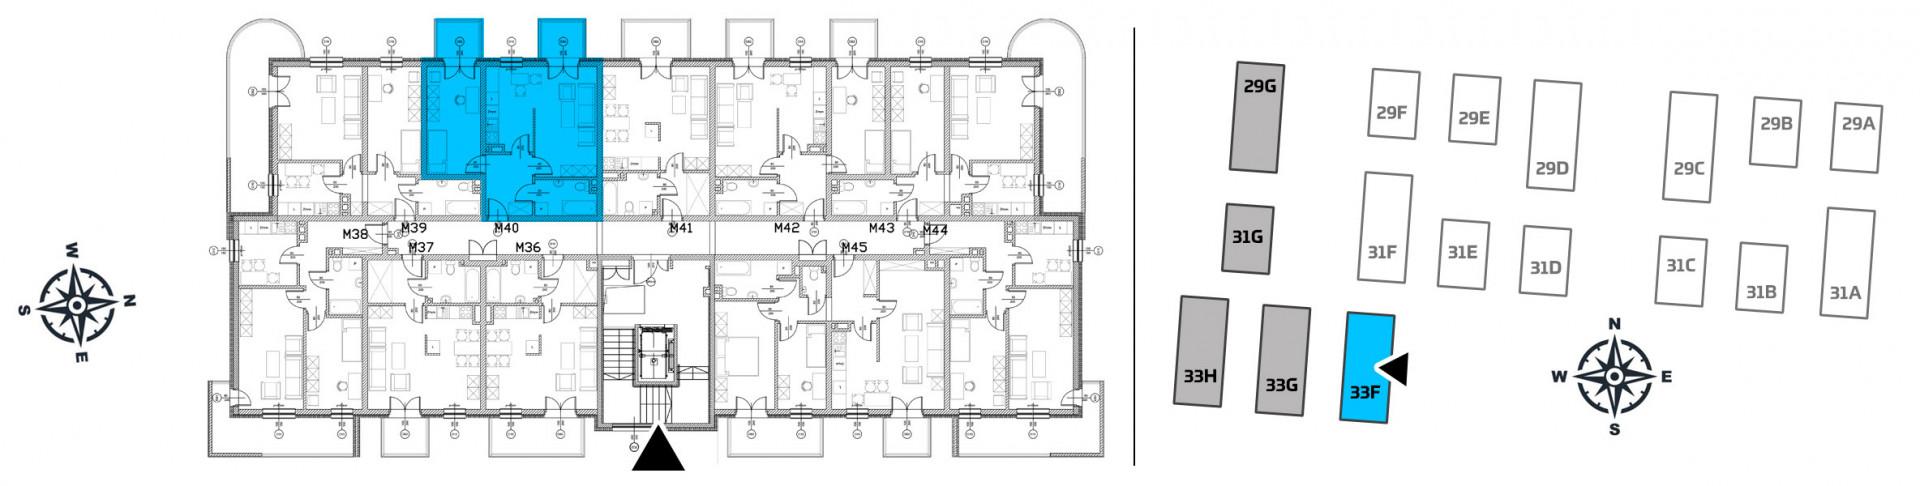 Mieszkanie dwupokojowe 33F/40 rzut 2